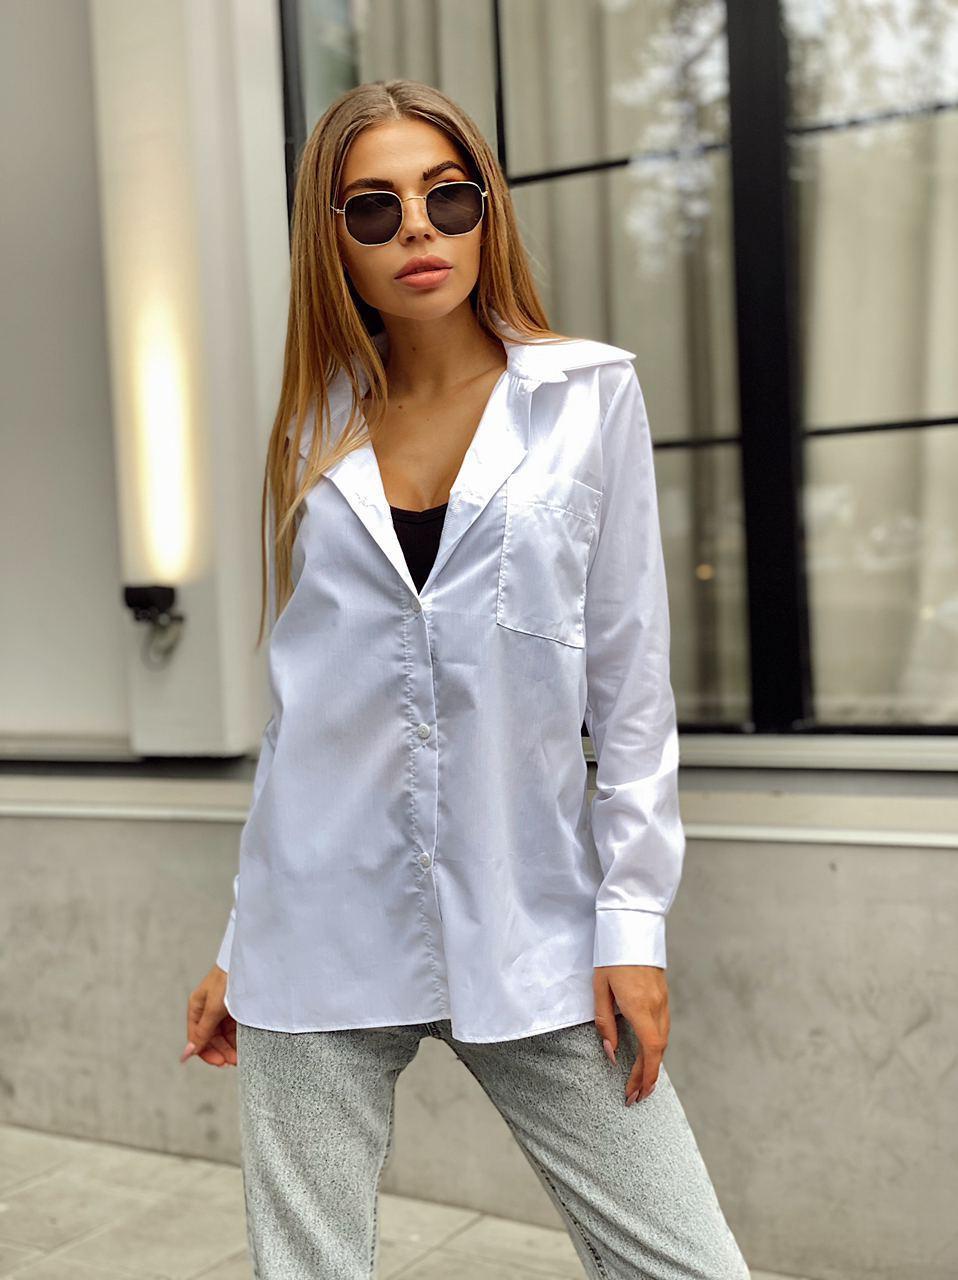 Женская коттоновая белая рубашка оверсайз прямого кроя с карманом на груди в едином размере 42-46 22bir406